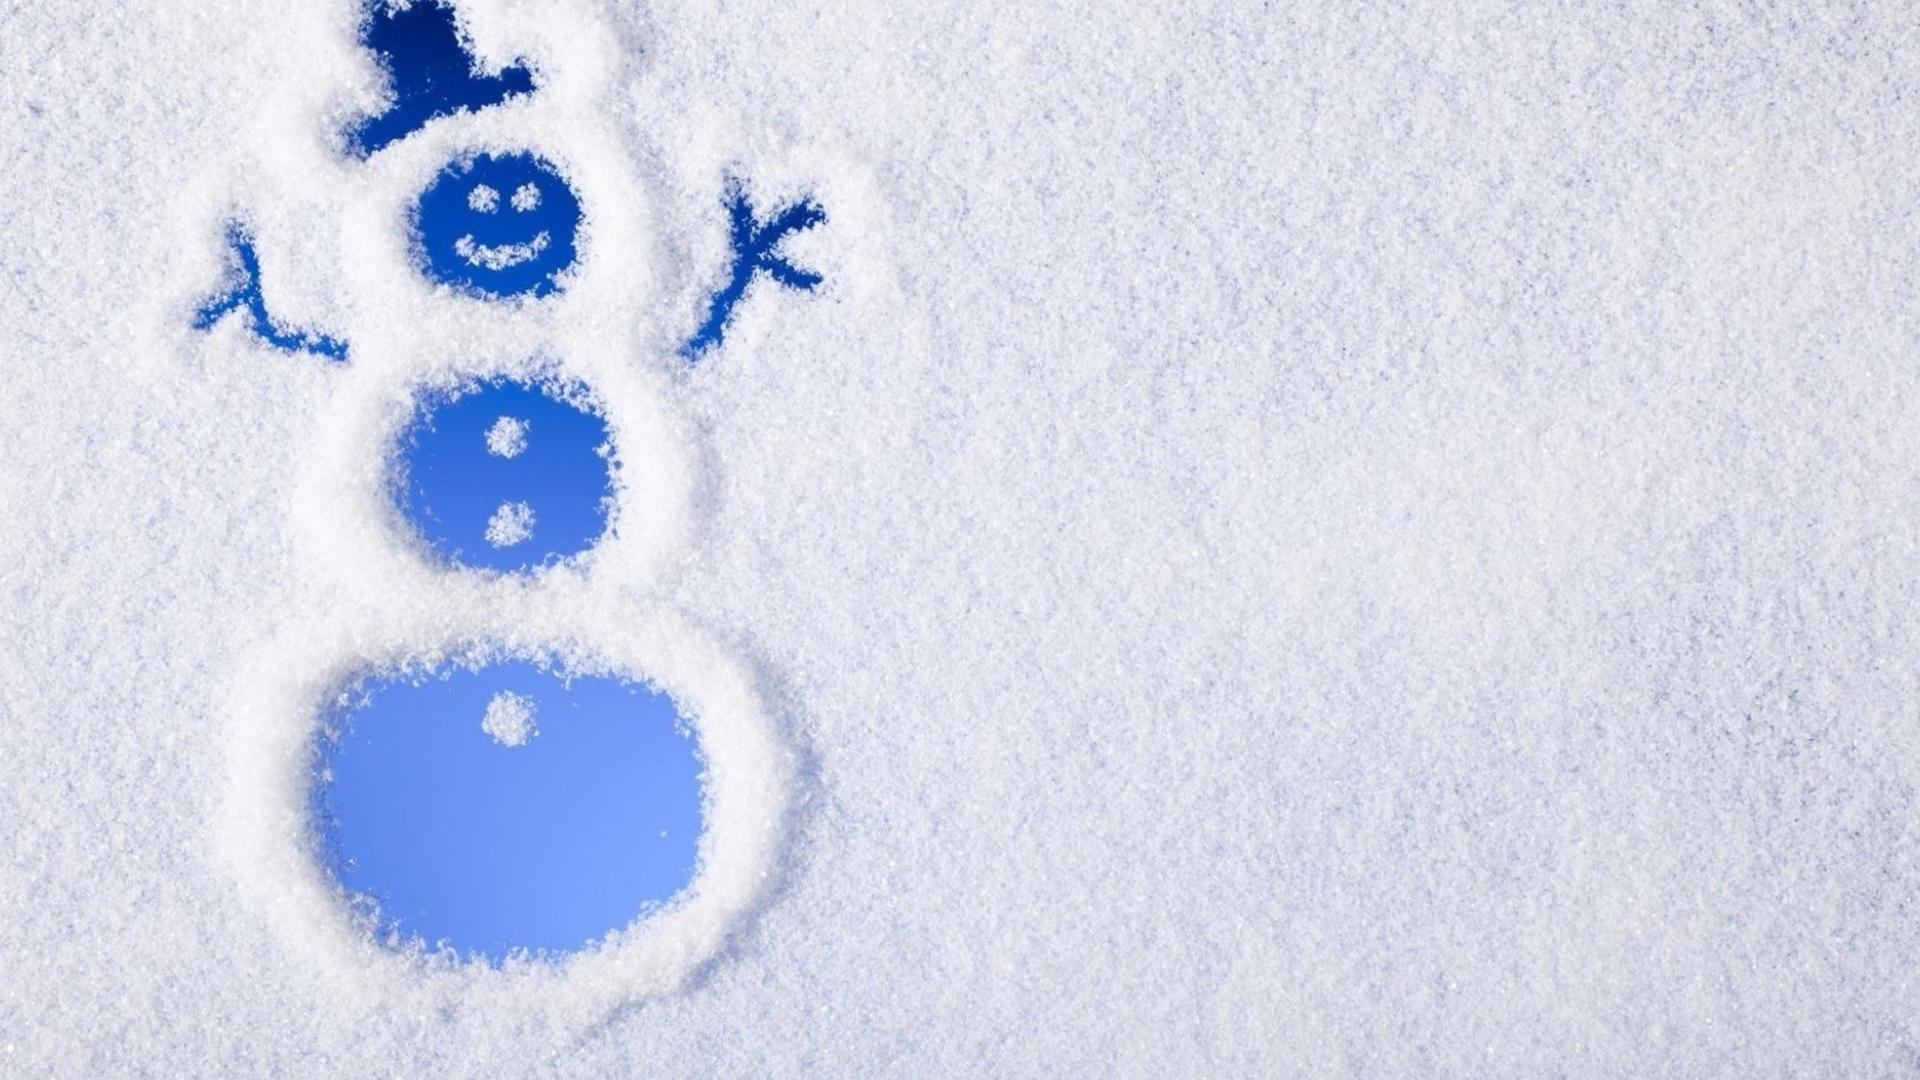 Funny Snowman Wallpaper